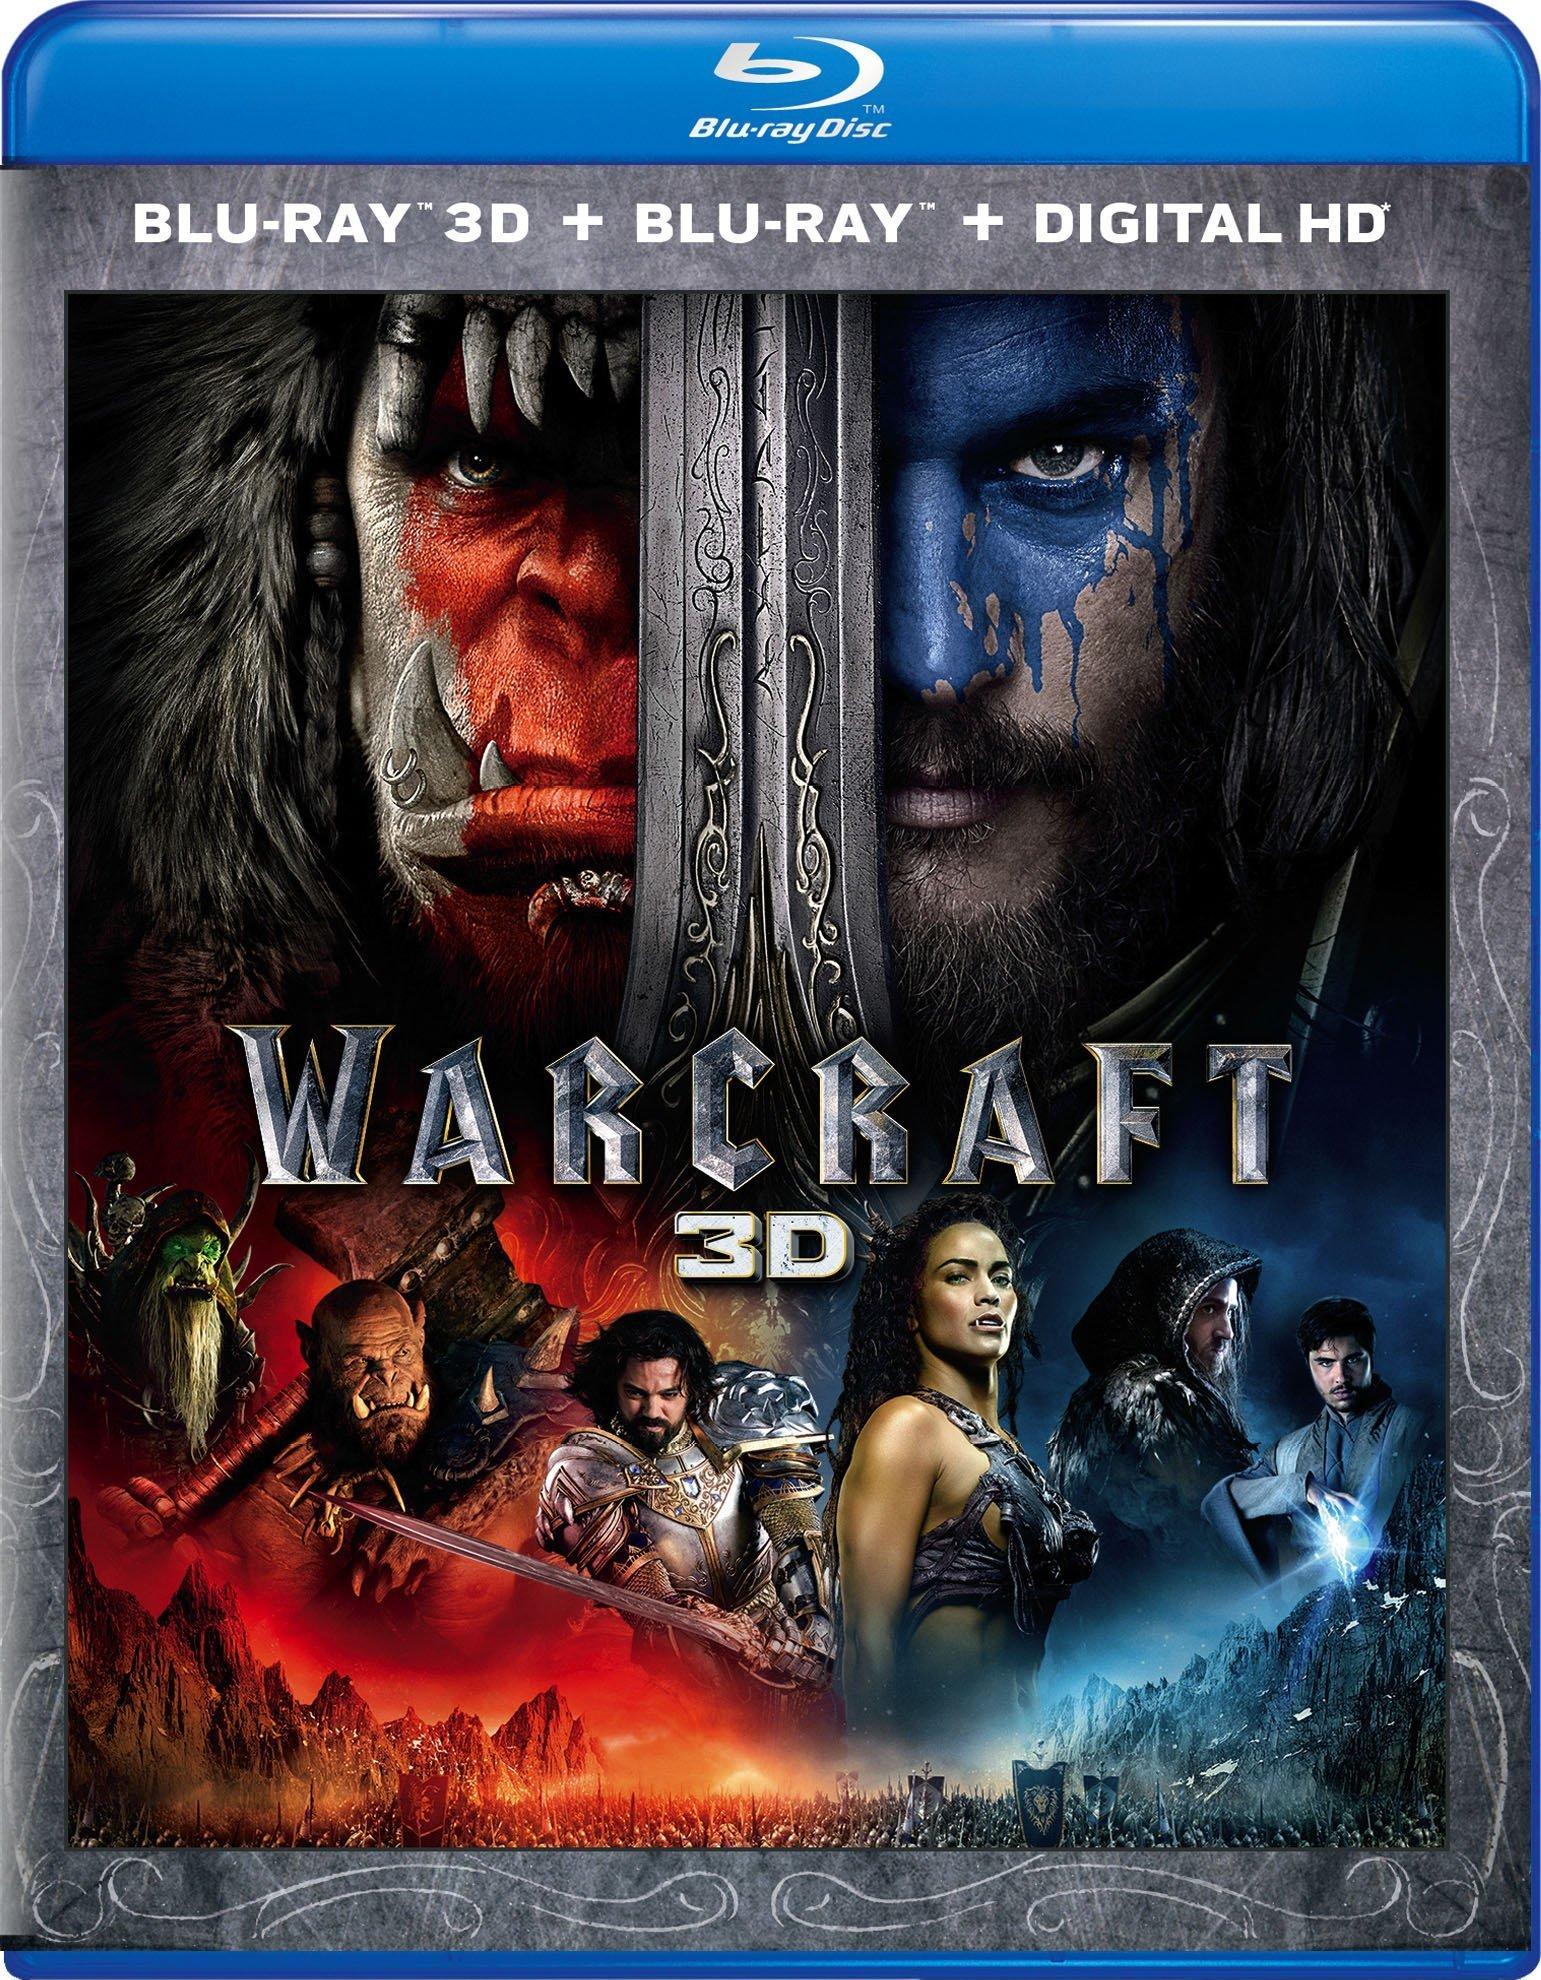 Warcraft (2016) poster image